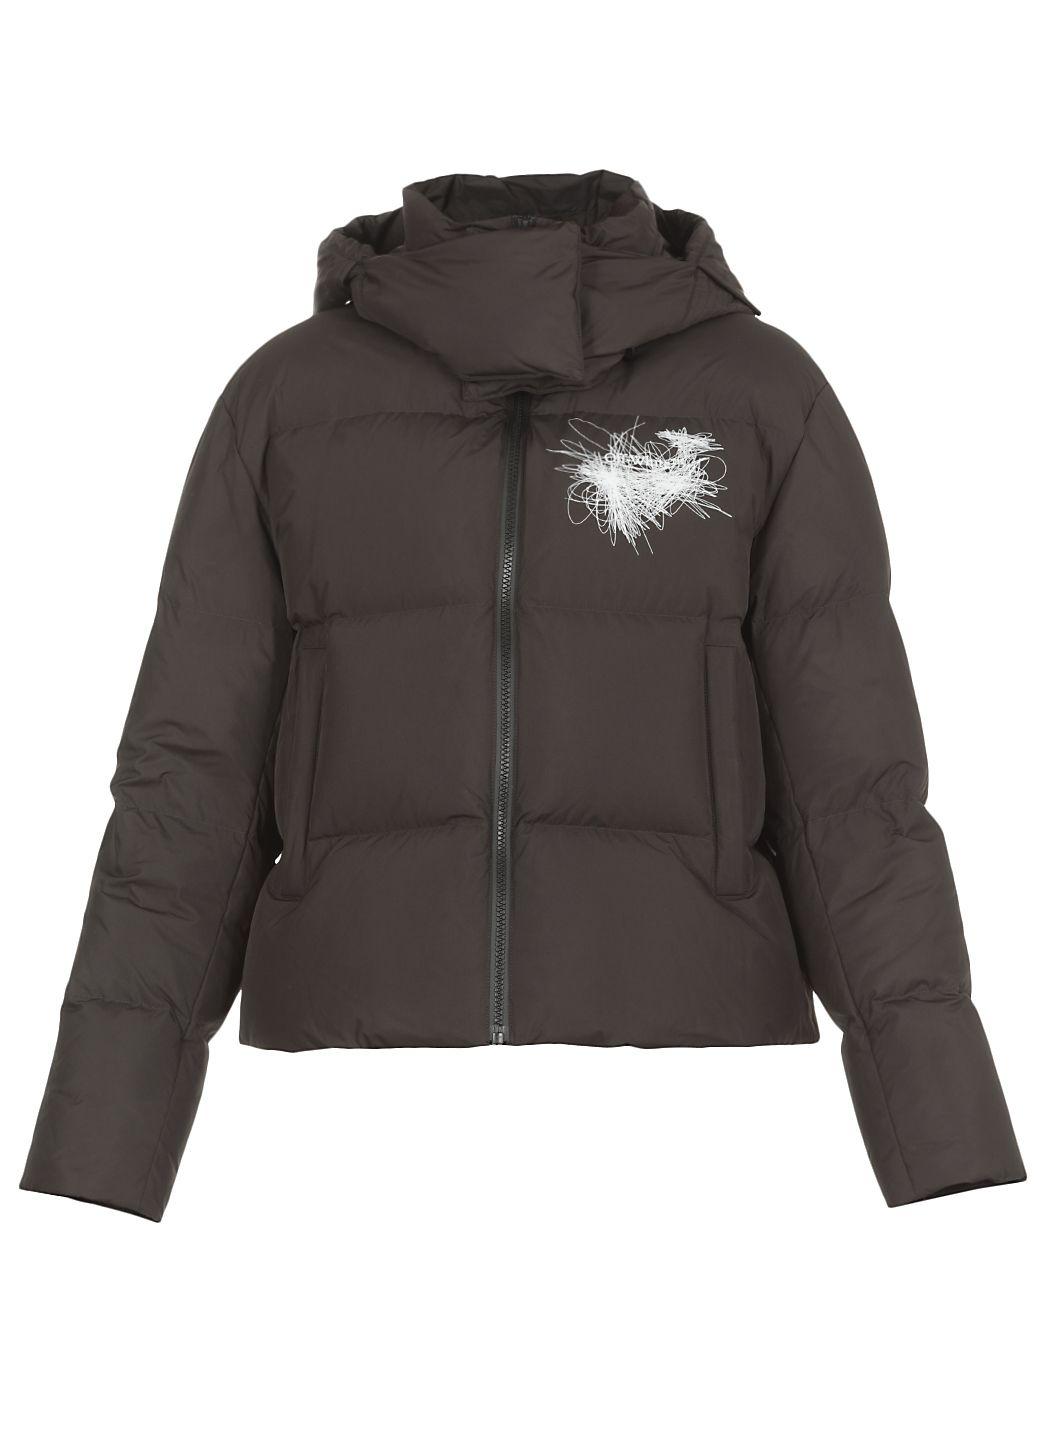 Pen Arrow down jacket